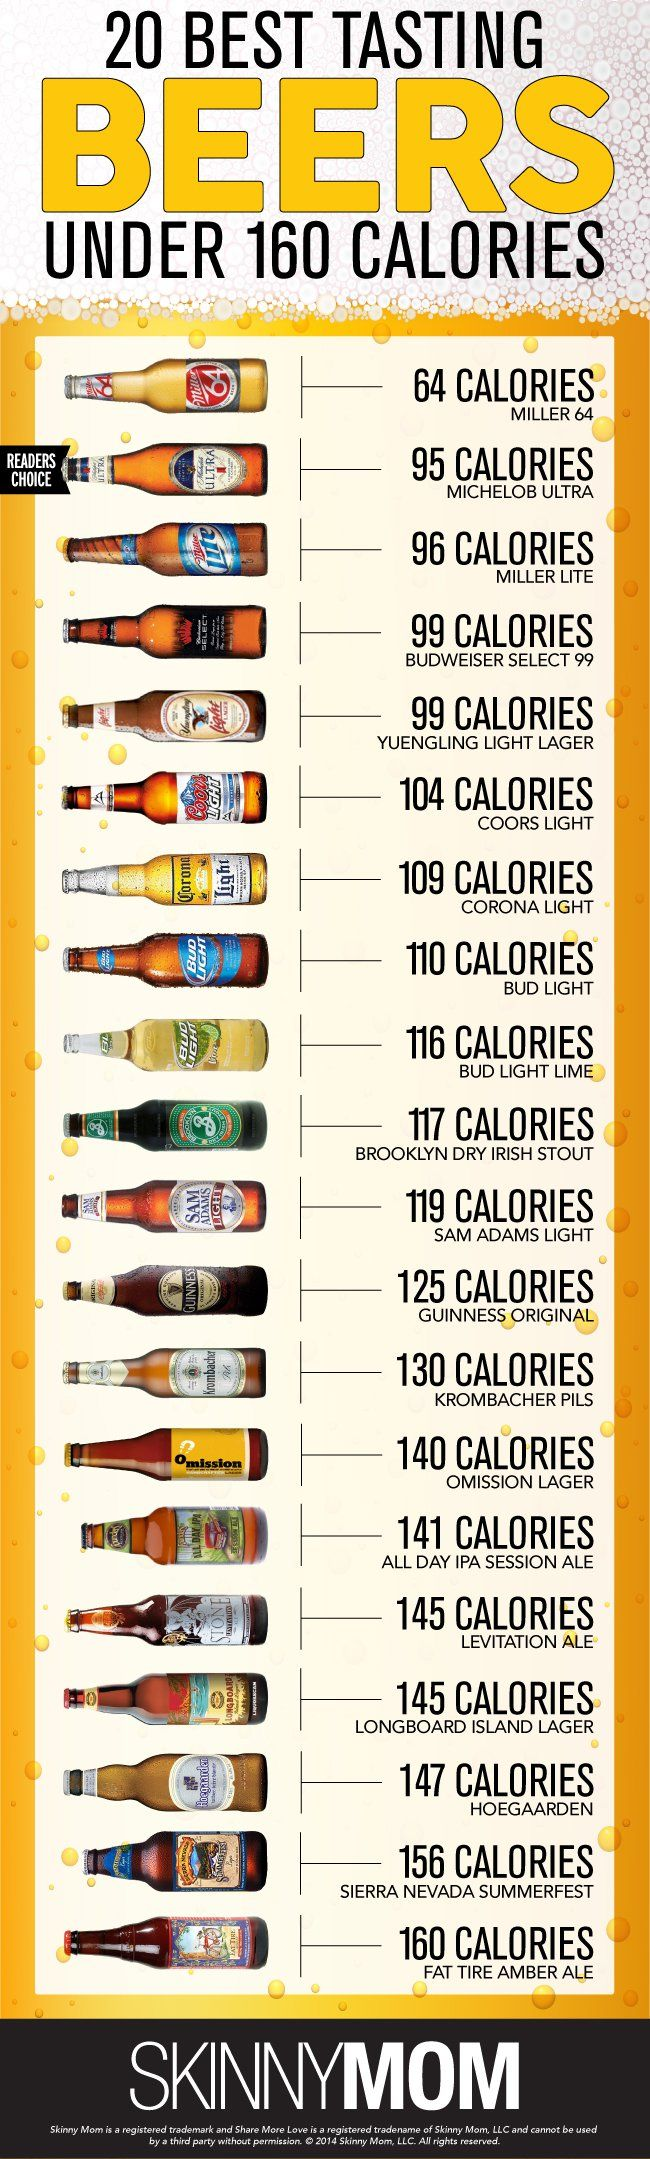 20 Best Tasting Beers Under 160 Calories